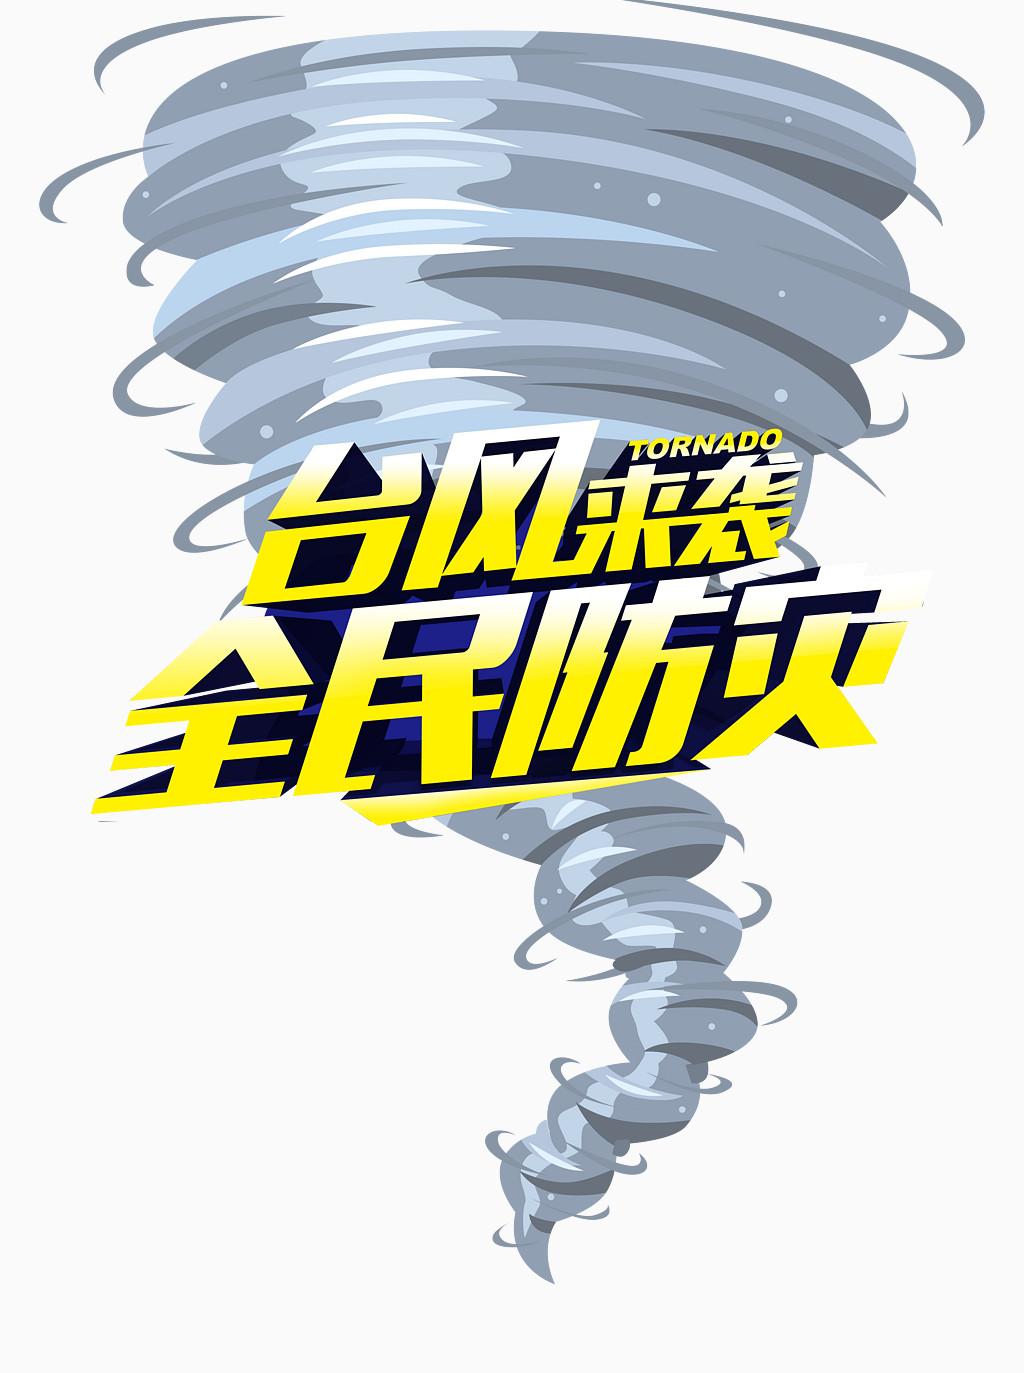 2017天气类台风元素矢量素材